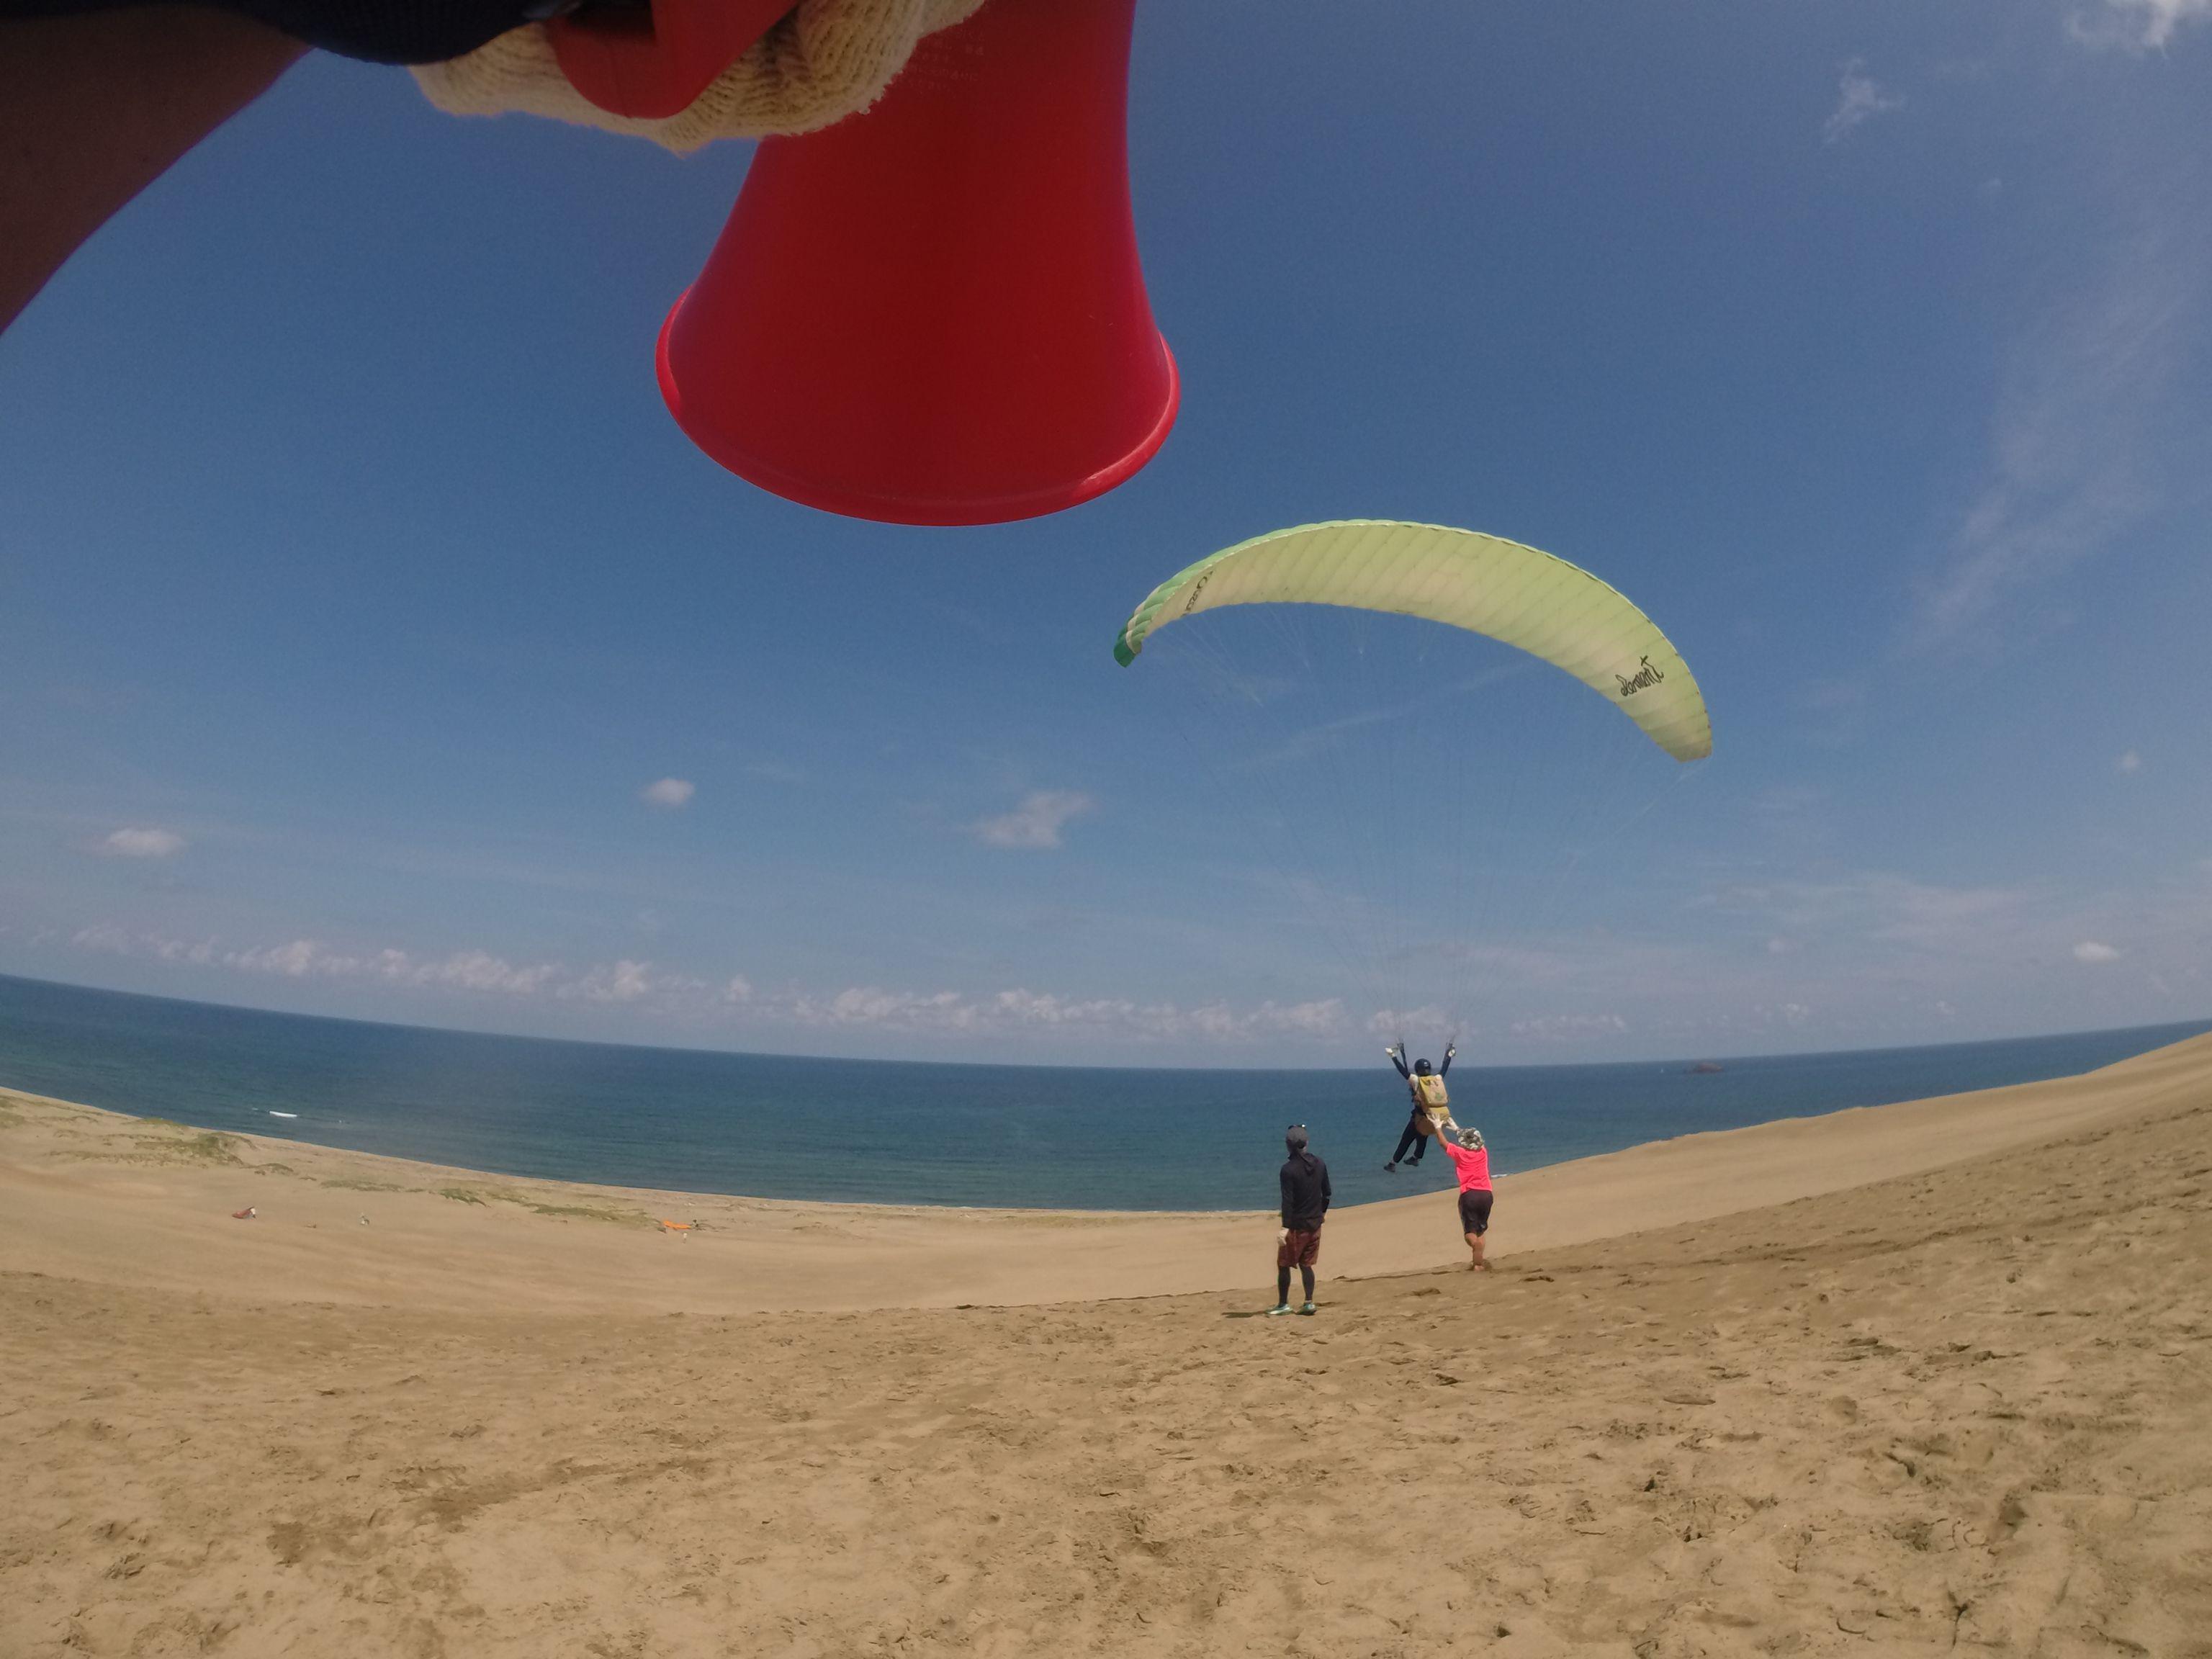 青い青い海と空の風景へ飛び込め